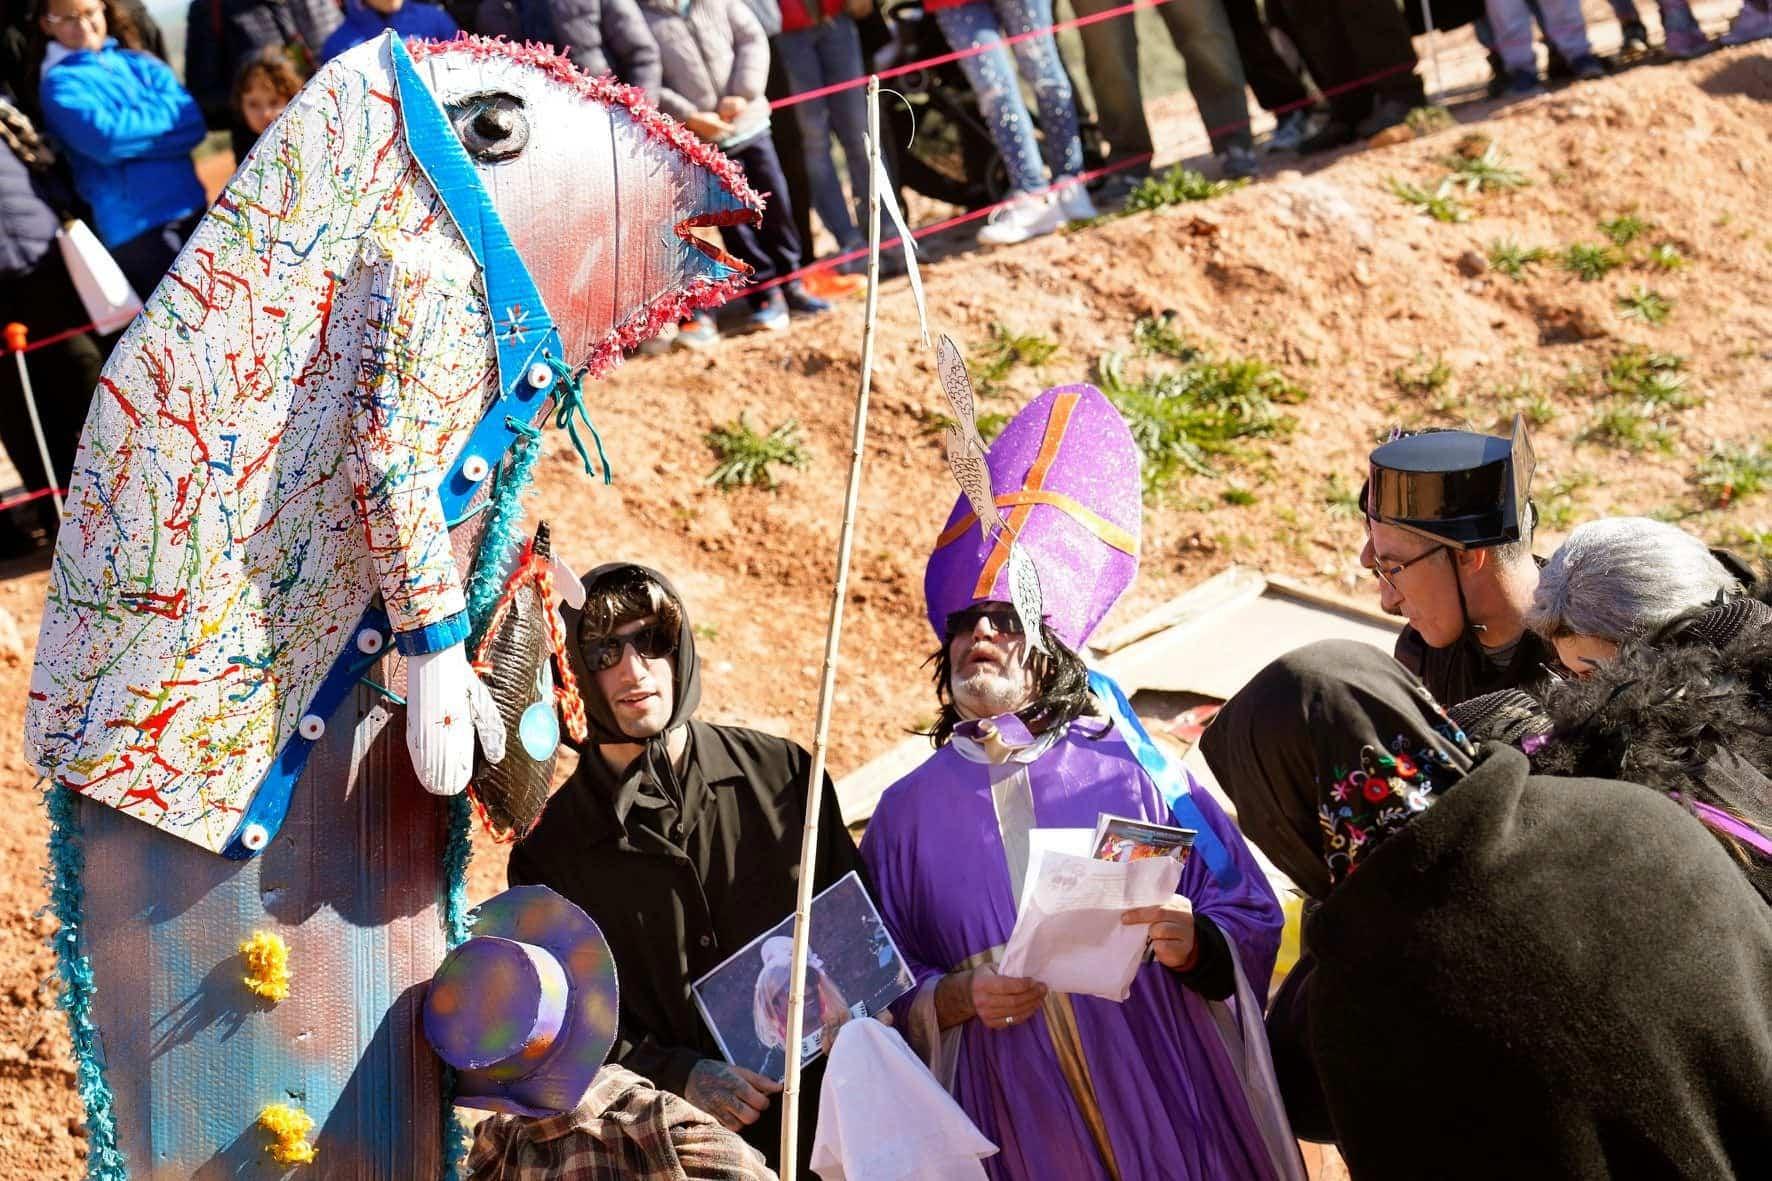 Carnaval de Herencia 2020 entierro sardina 7 - El Entierro de la Sardina 2020 del Carnaval de Herencia